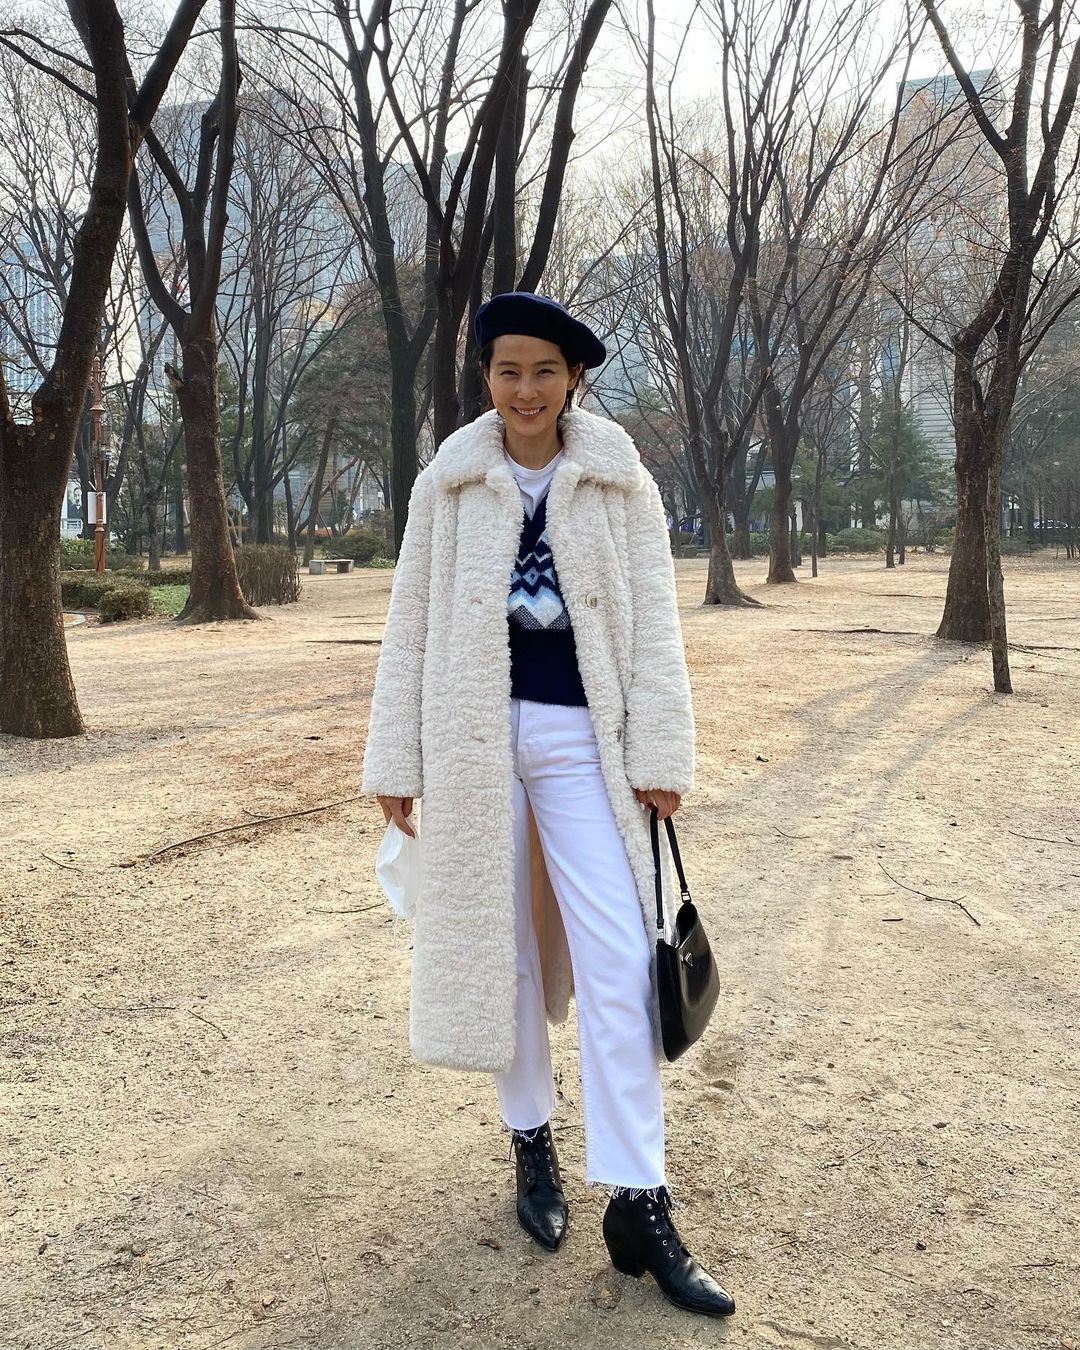 Mùa Đông diện áo khoác dáng dài là ấm nhất nhưng diện sao cho tôn dáng và sành điệu thì phải học 10 gợi ý sau - Ảnh 9.